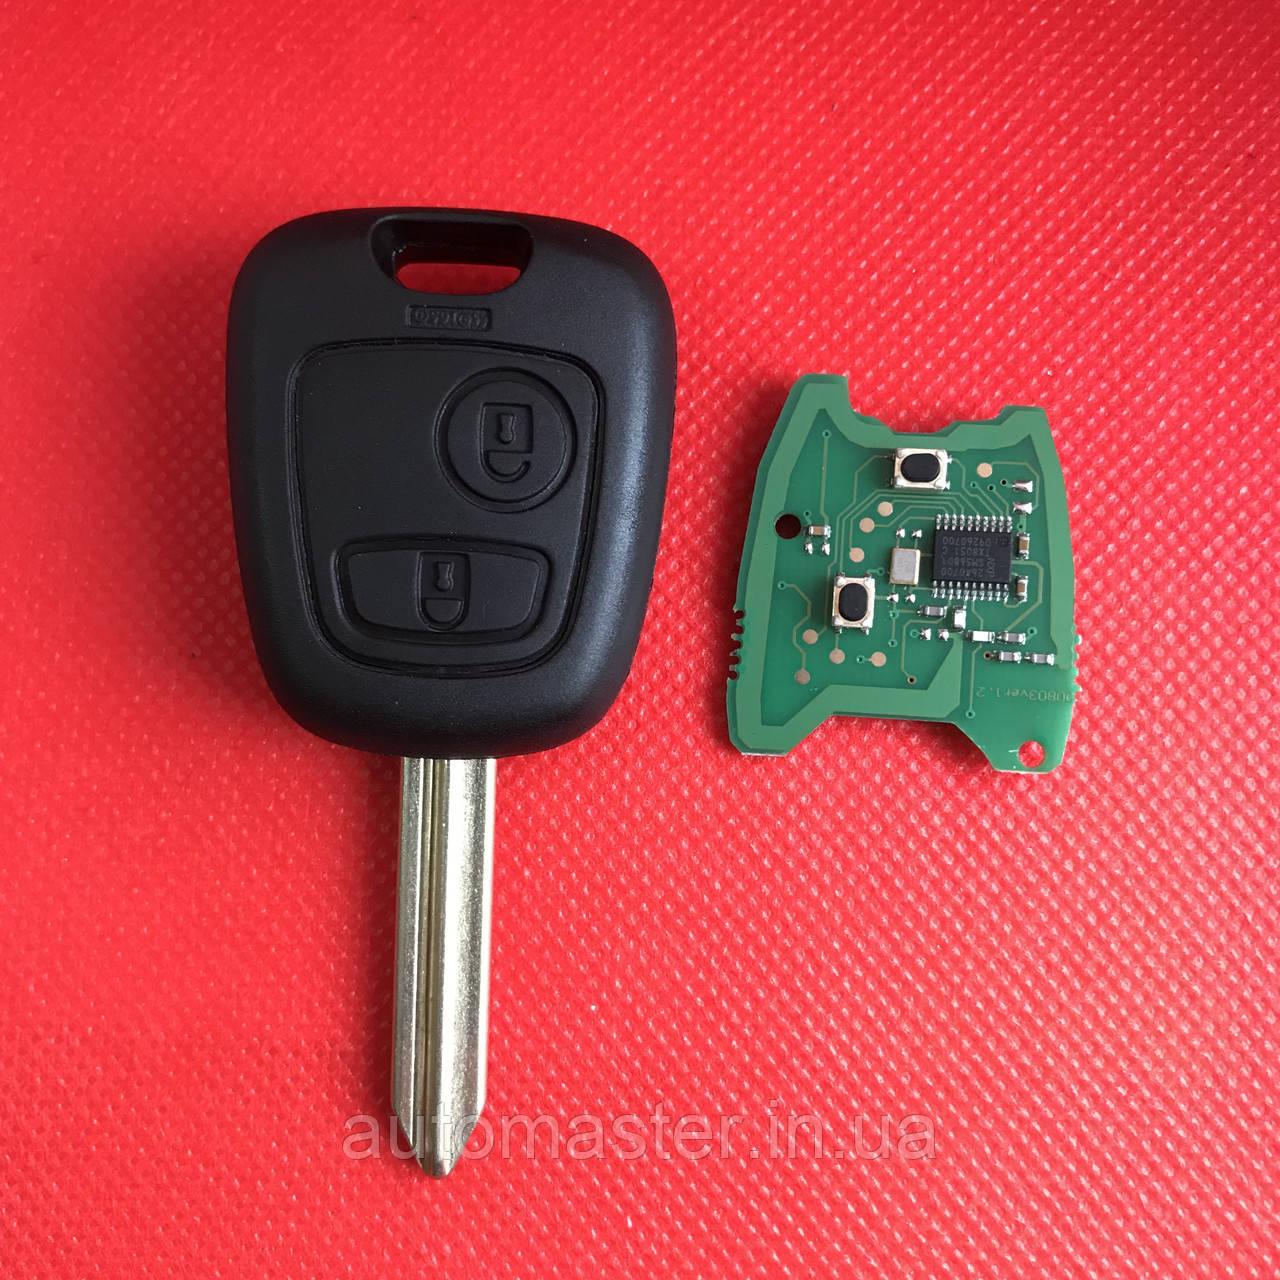 Автоключ  Пежо  PEUGEOT   2 кнопки, с чипом ID46, PCF 7941, 433 Mhz, лезвие SX9